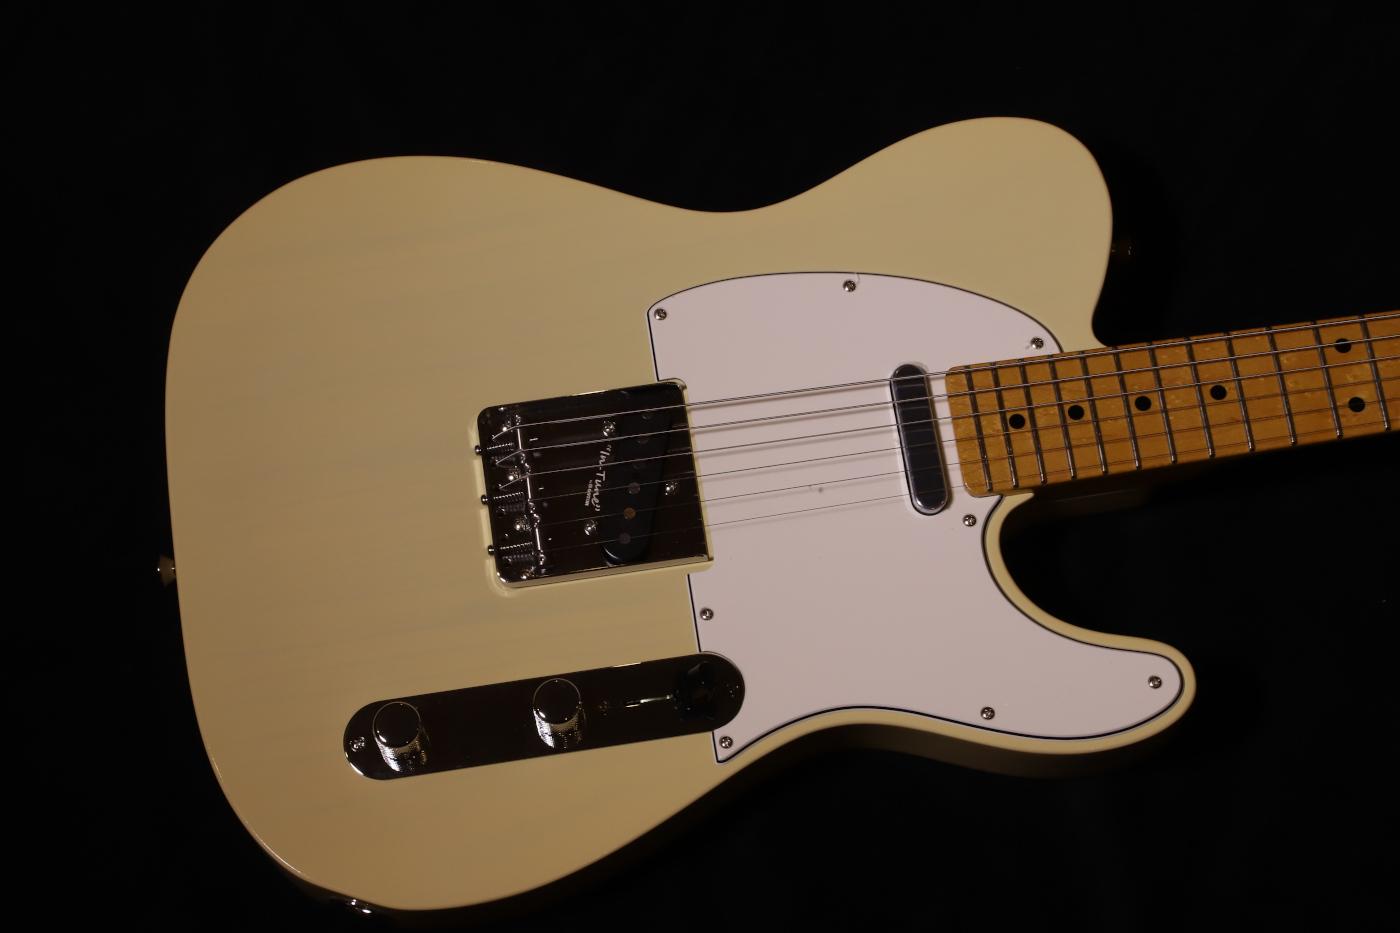 【送料無料】K.NYUI CUSTOM GUITAR KNTE ASH BLOND Birdseye Maple FB /ケイ ニュイ カスタムギター/エレキギター